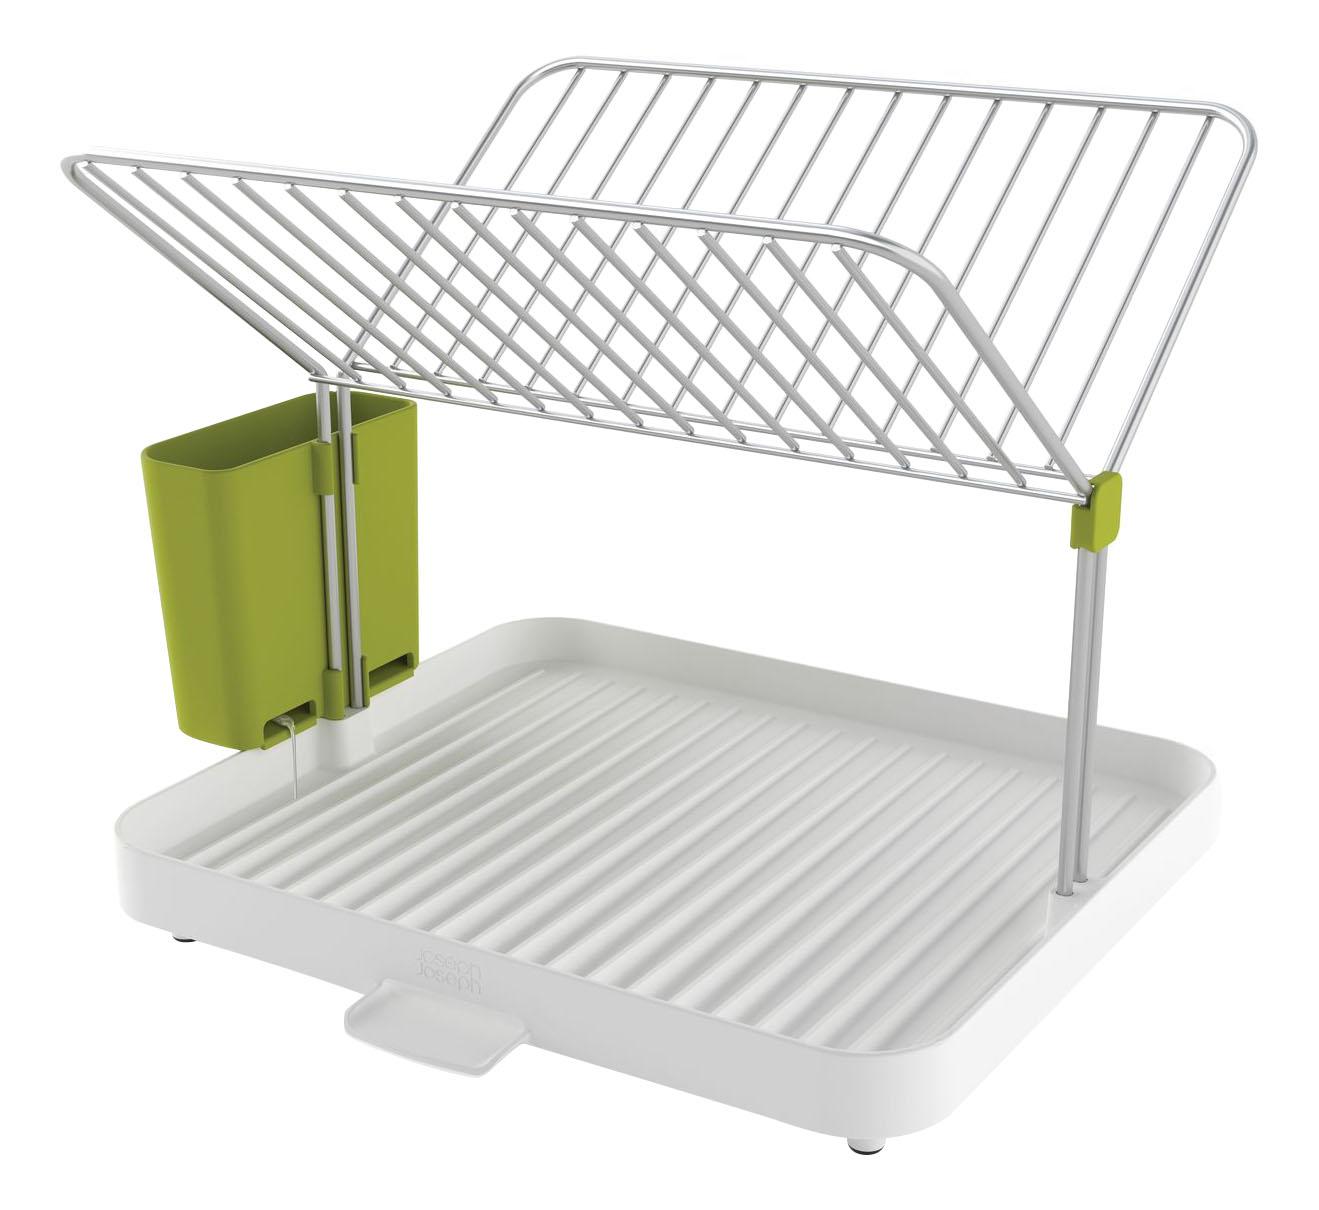 Сушилка для посуды и столовых приборов 2-уровневая со сливом y-rack белый/зеленый